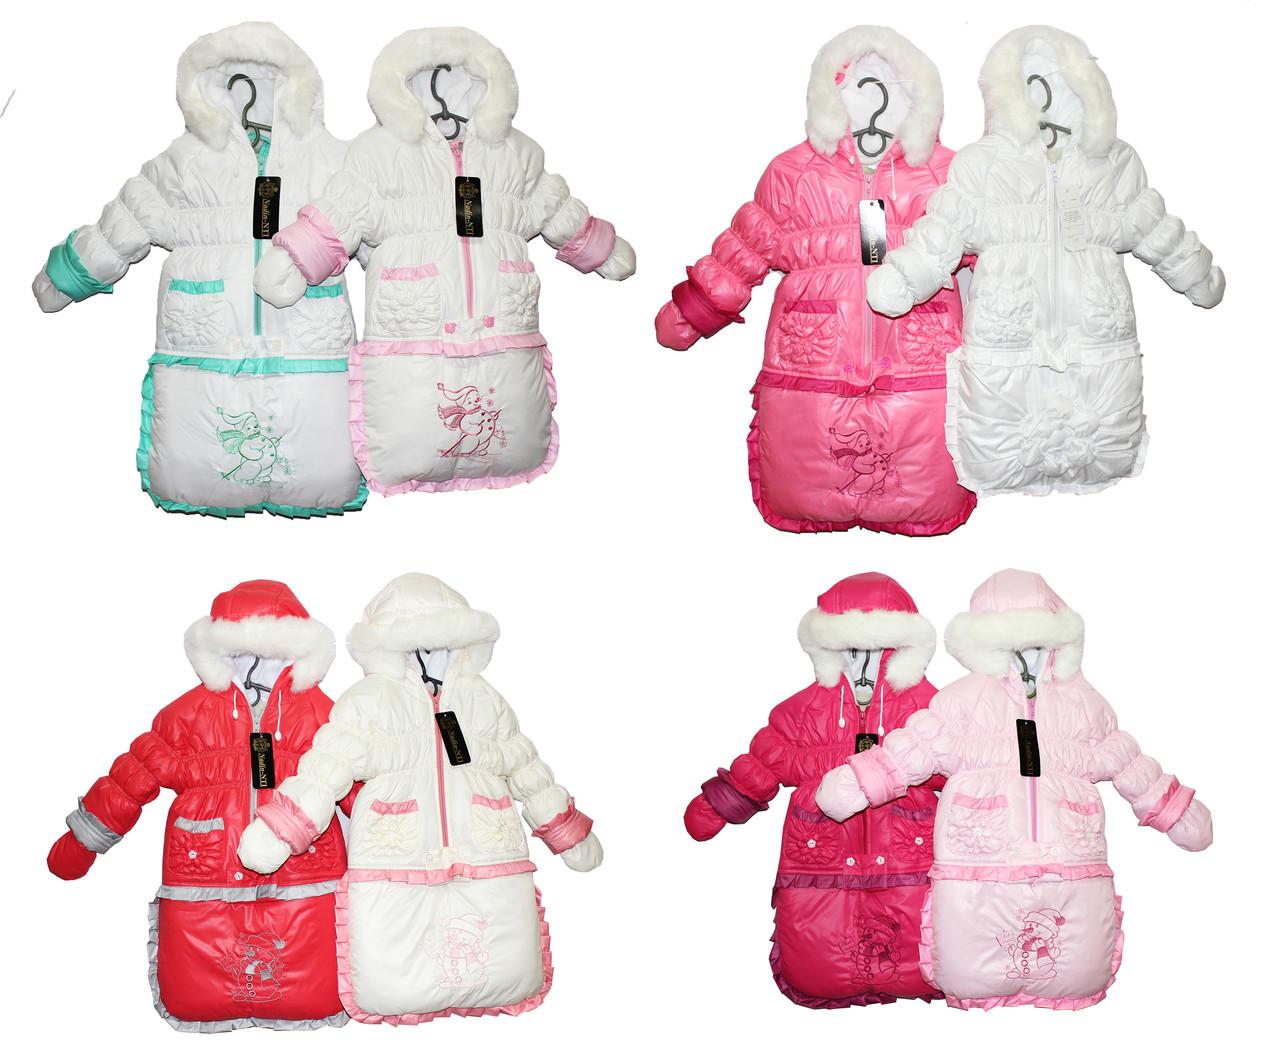 Комбінезон дитячий зимовий (трійка) - трансформер на овчині для дівчинки. Сніговик